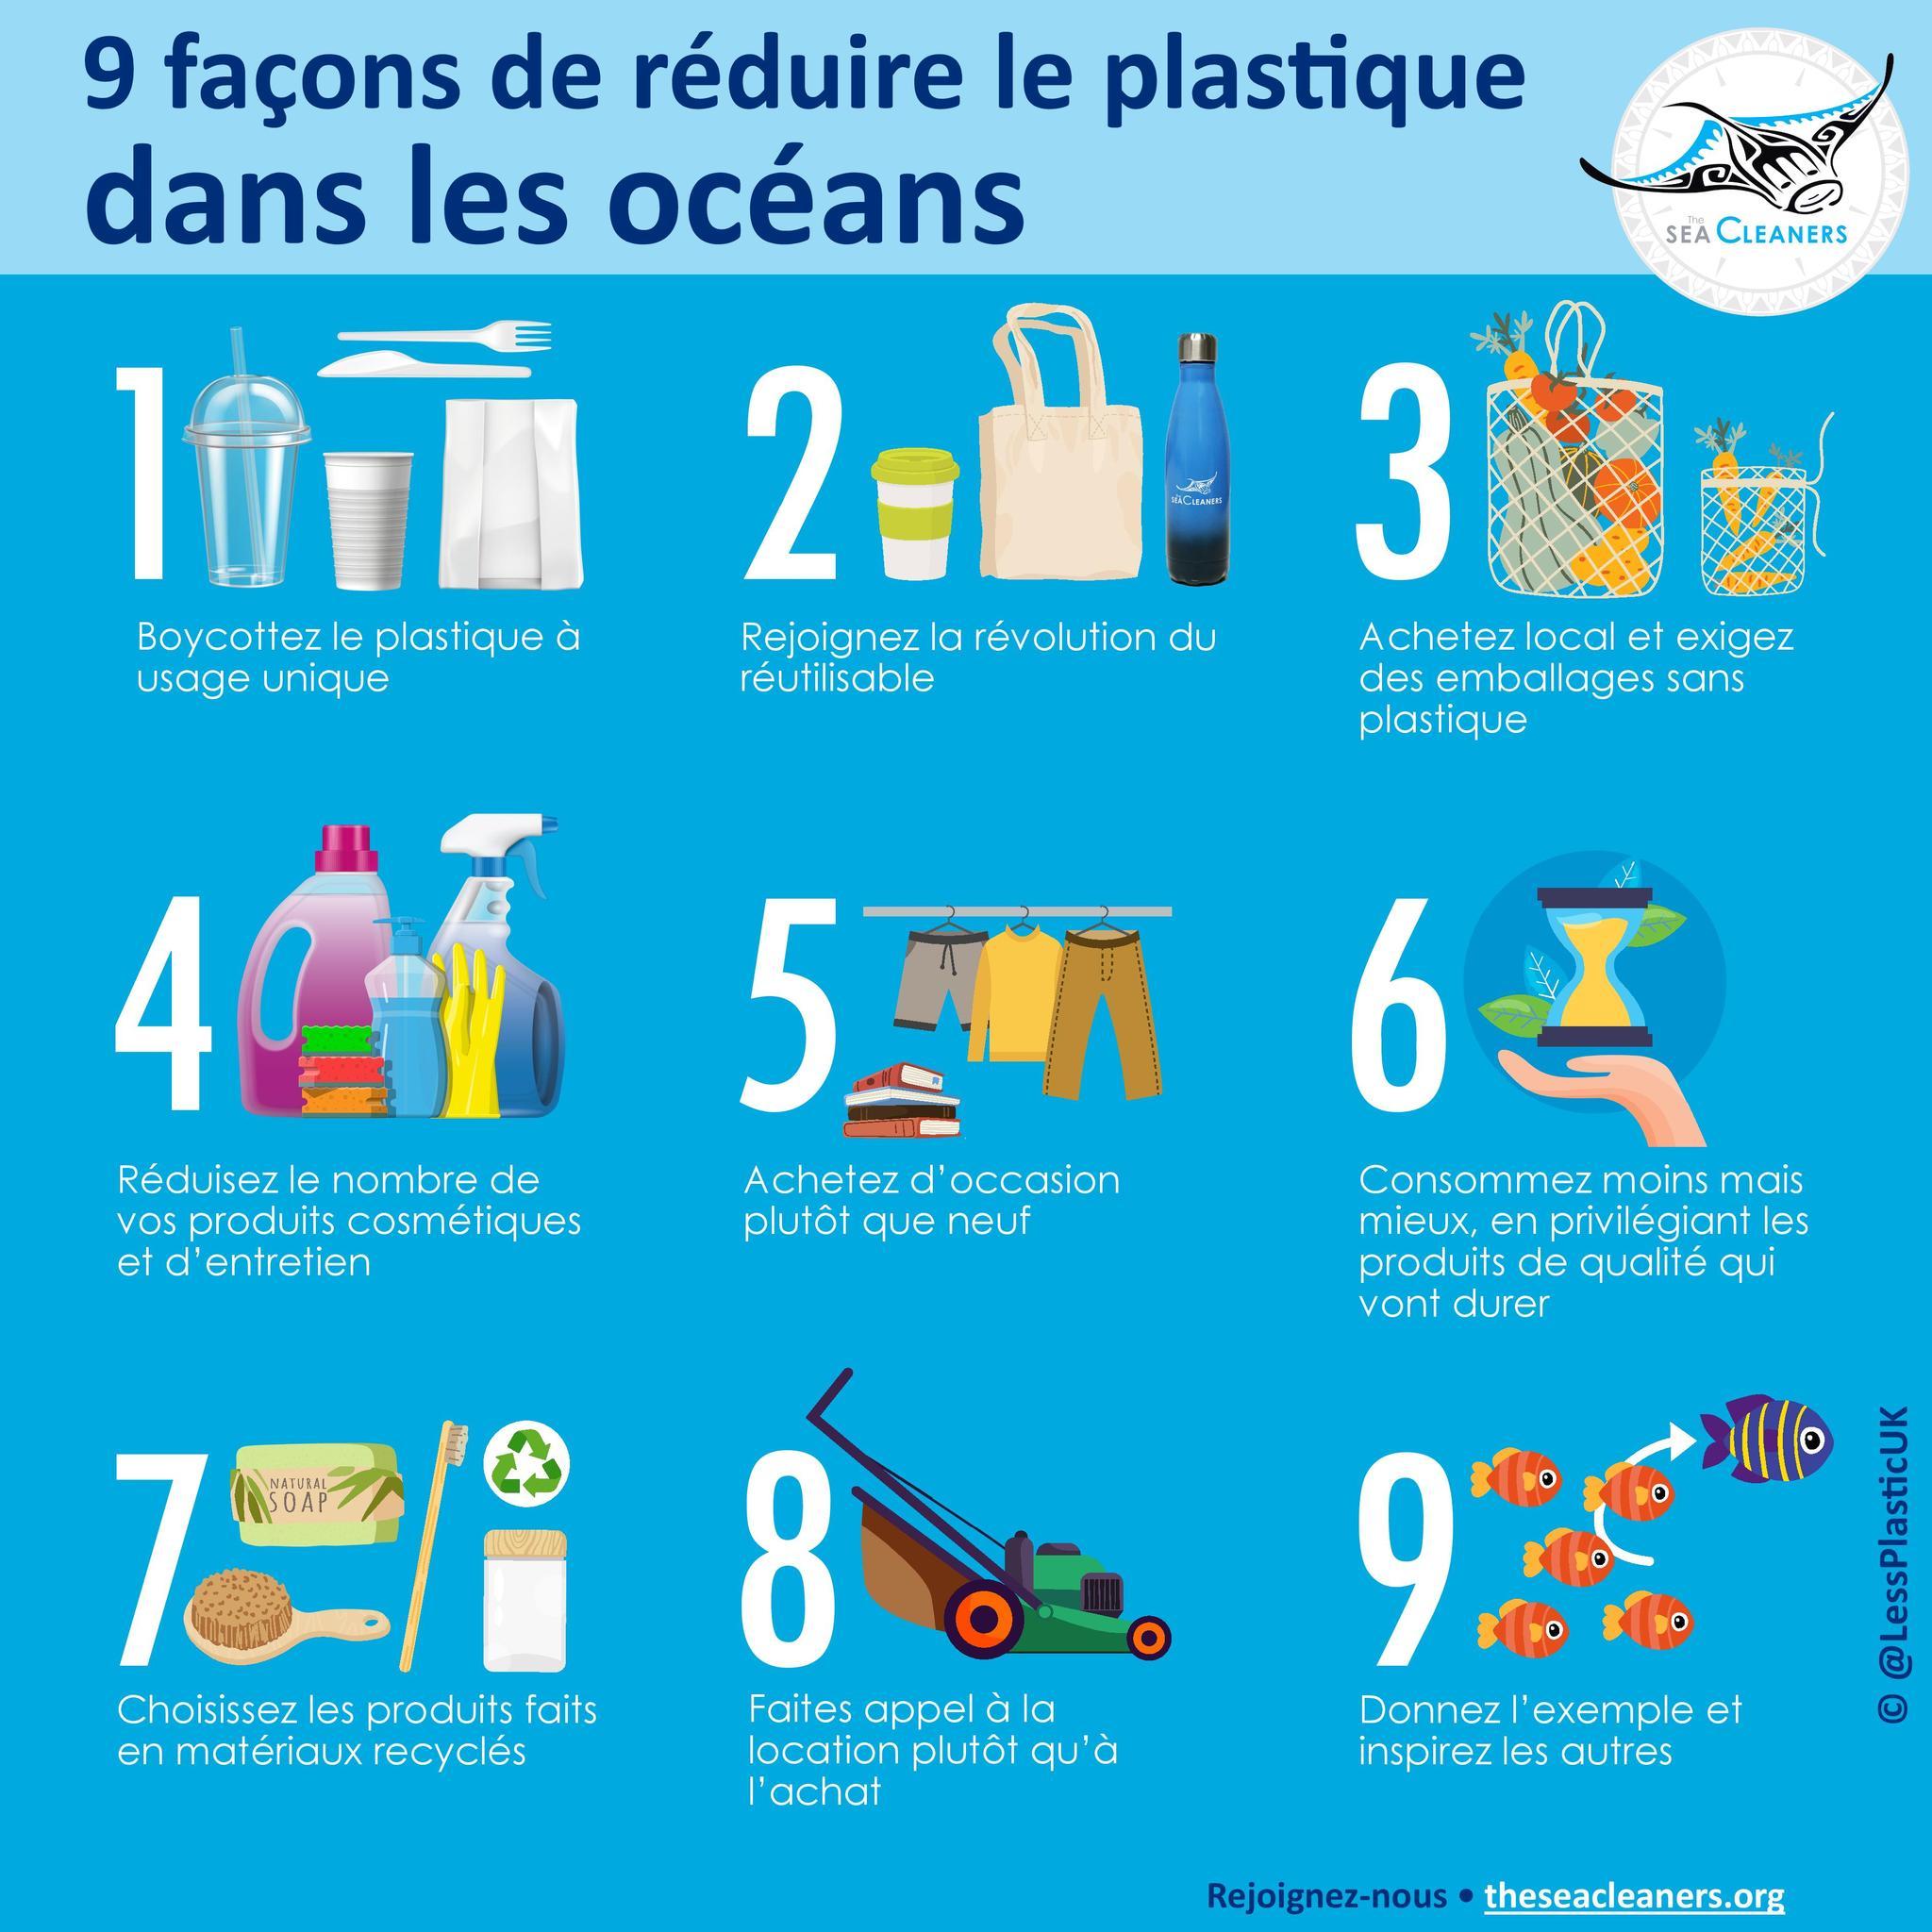 FR-reduire-le-plastique-dans-les-oceans-1-page-001_2048x2048.jpg